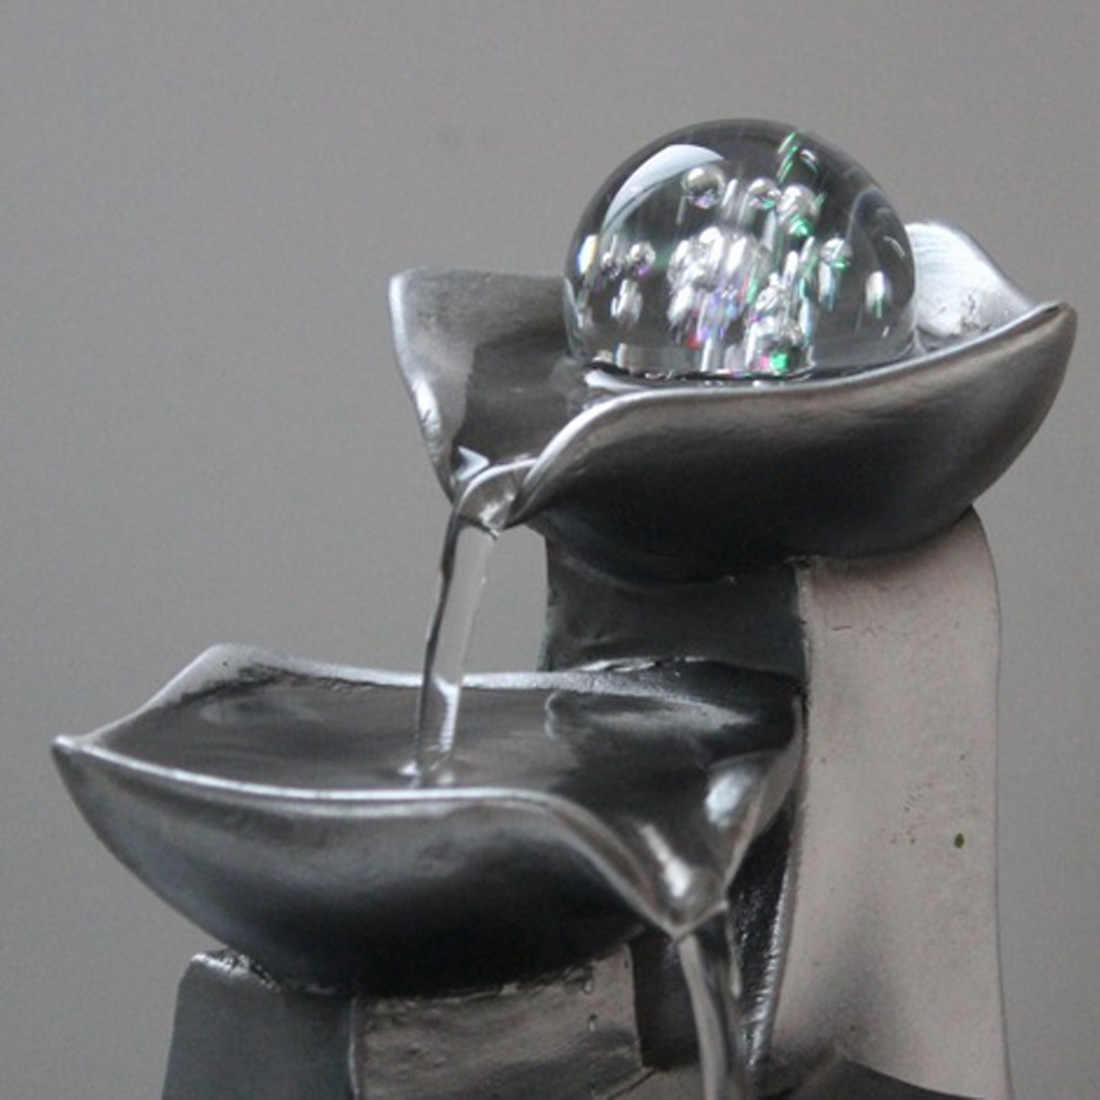 樹脂水噴水屋内装飾クリエイティブクラフト家の装飾家の置物風水風水噴水オフィス家の装飾